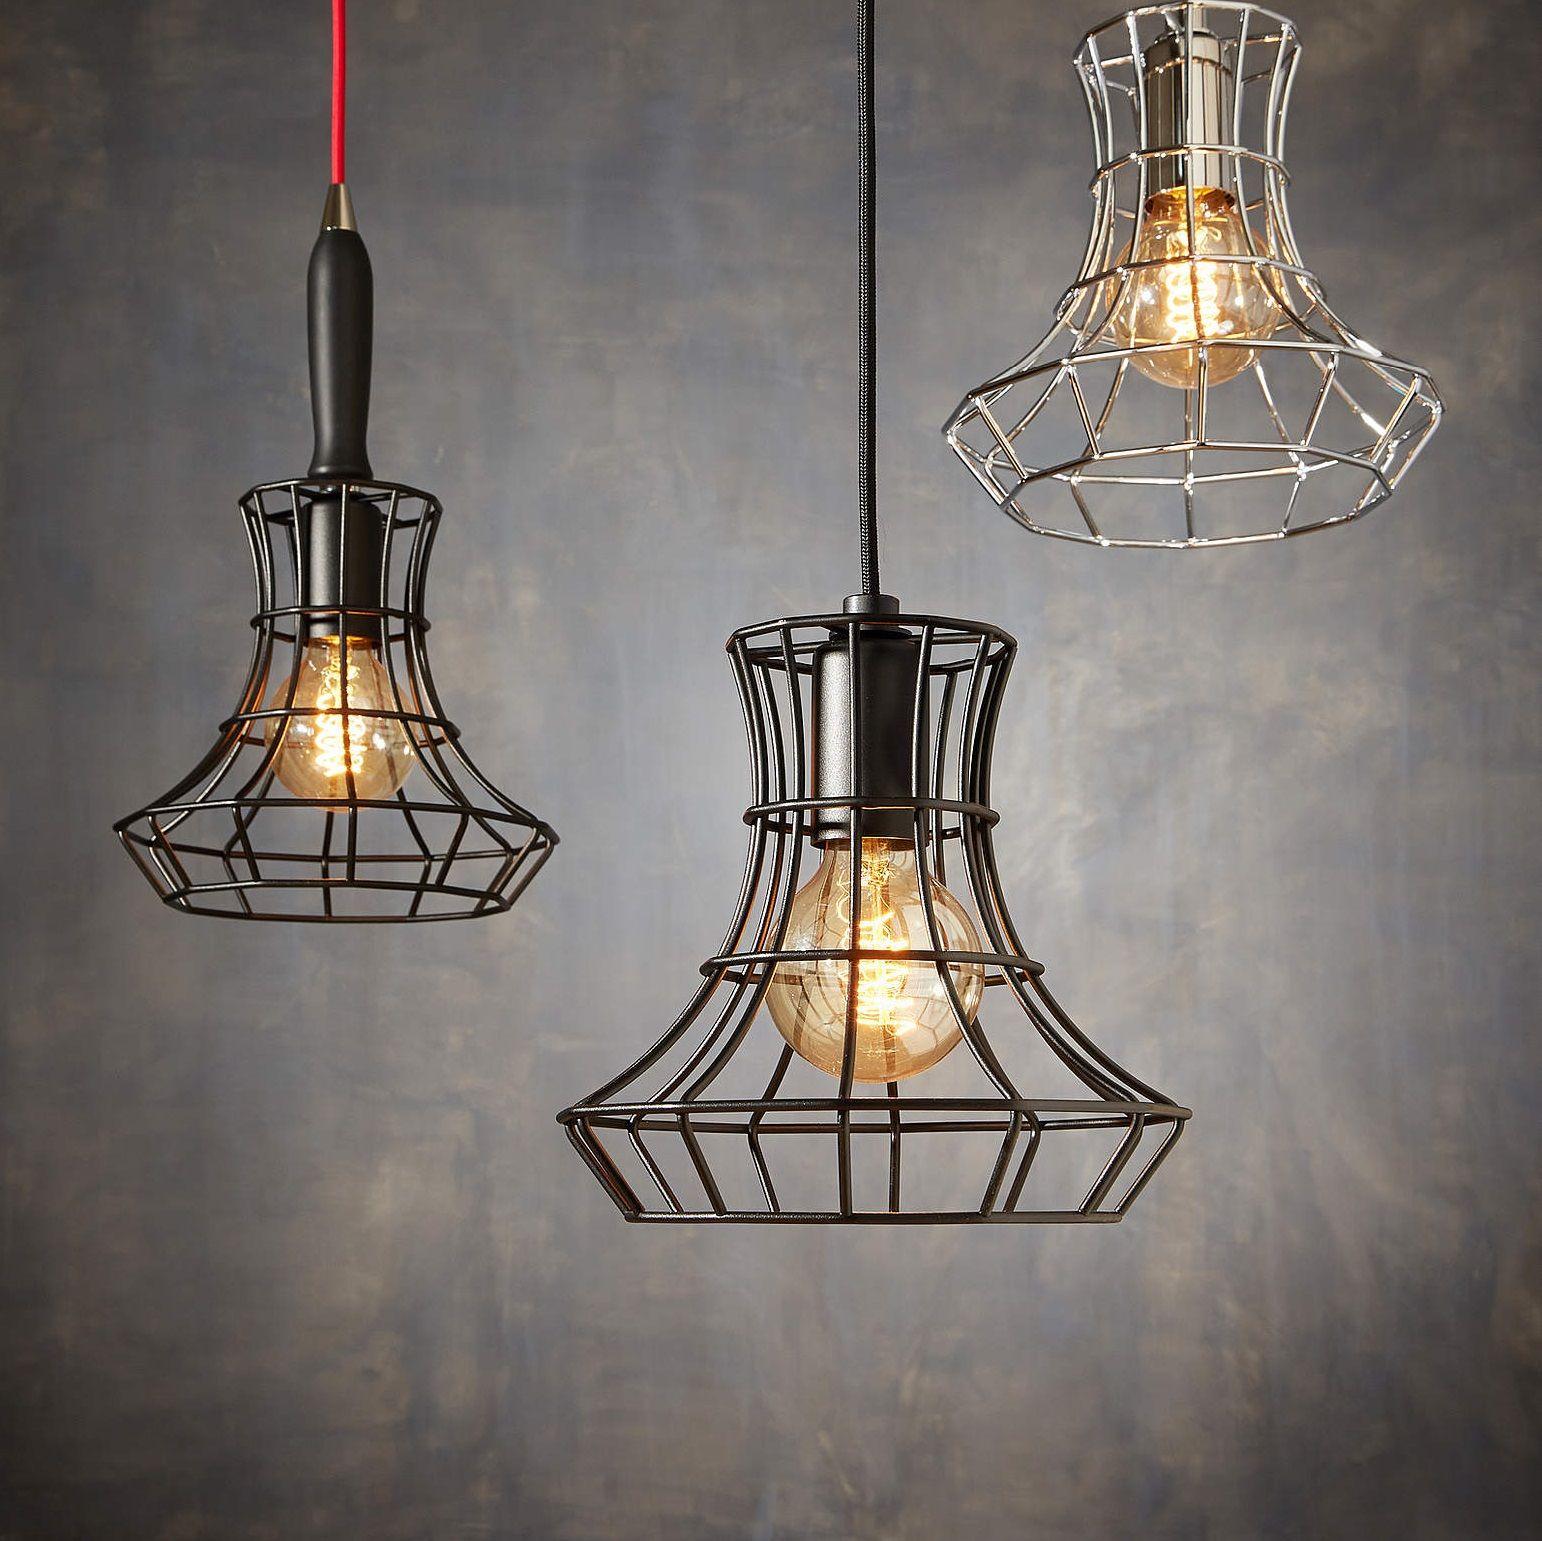 suspension lady cage noir h25cm zava ampoule deco vieilles lampes et conseill. Black Bedroom Furniture Sets. Home Design Ideas